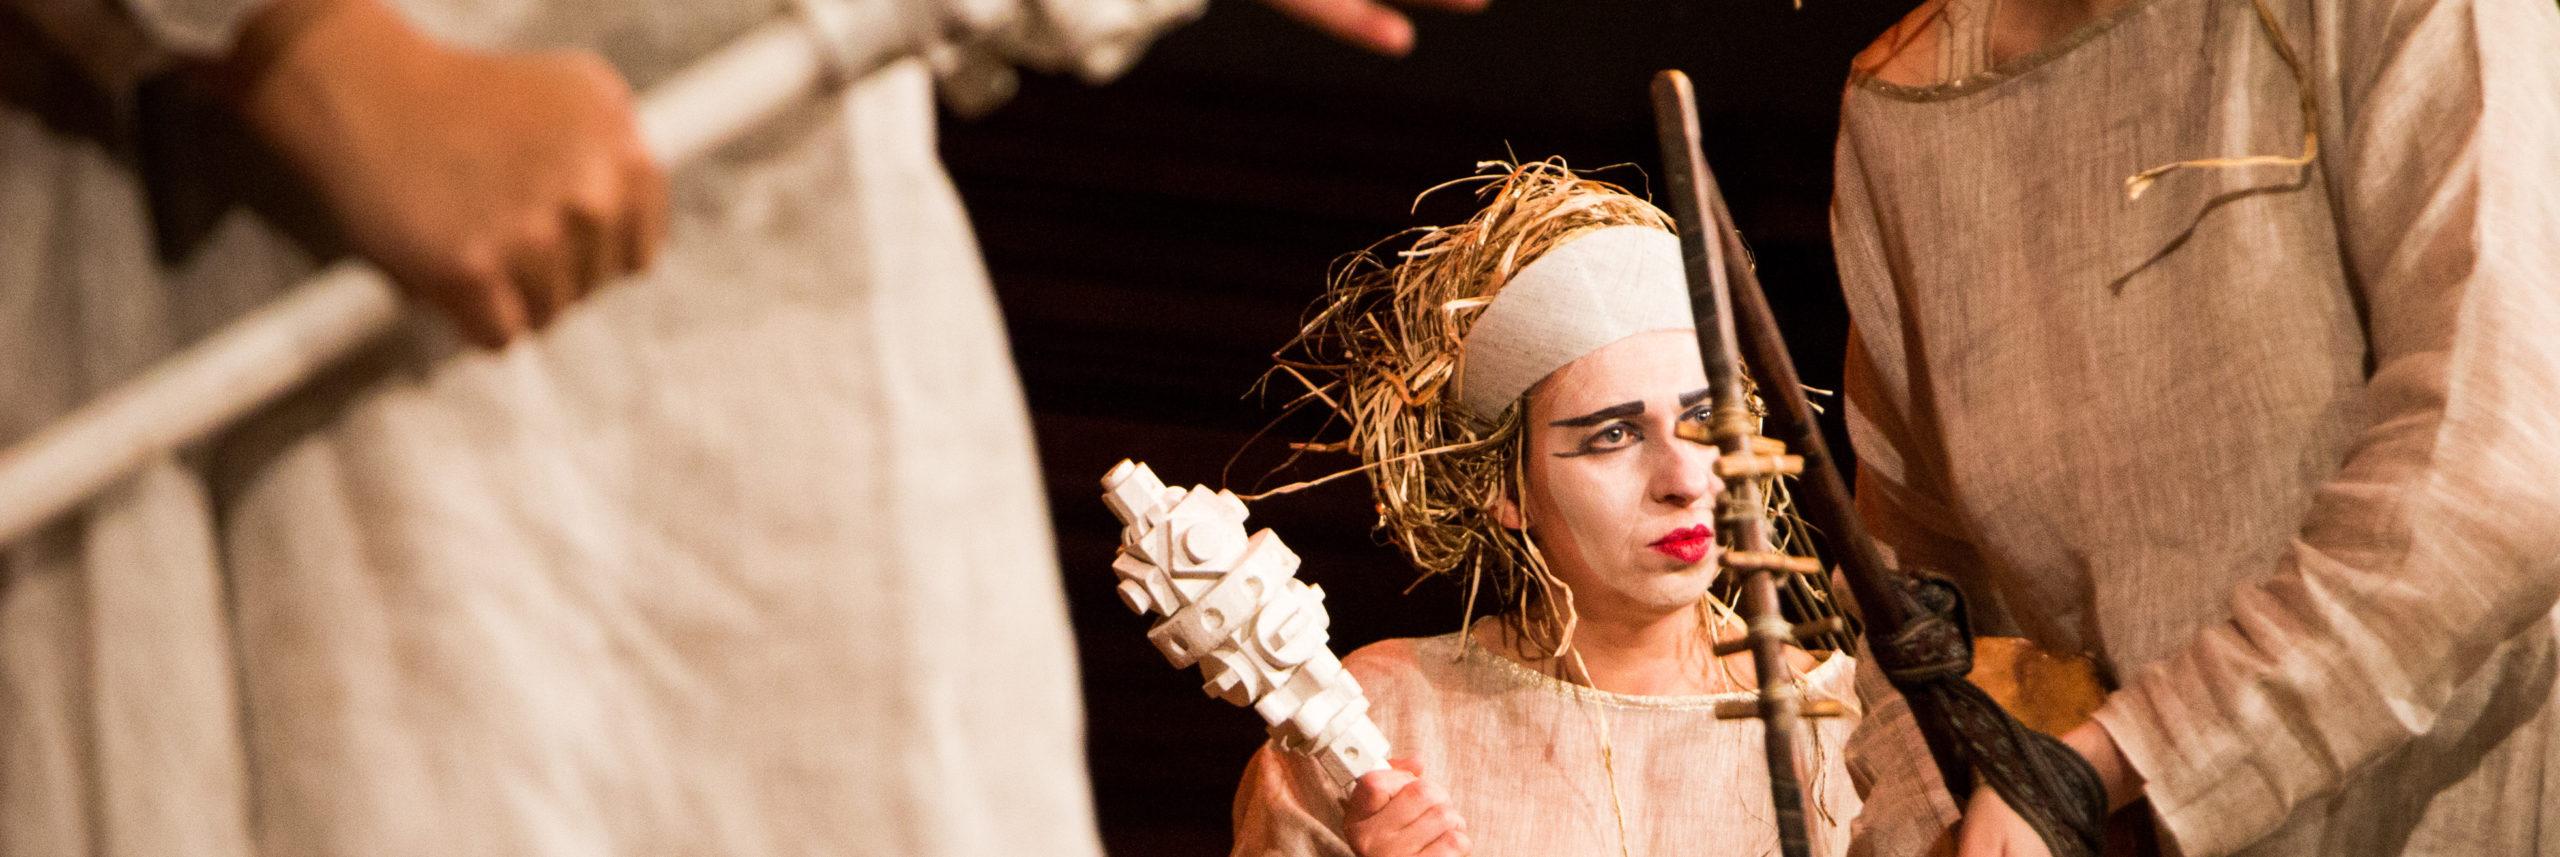 Intégrale de l'Odyssée : le lit d'Ulysse et Pénélope